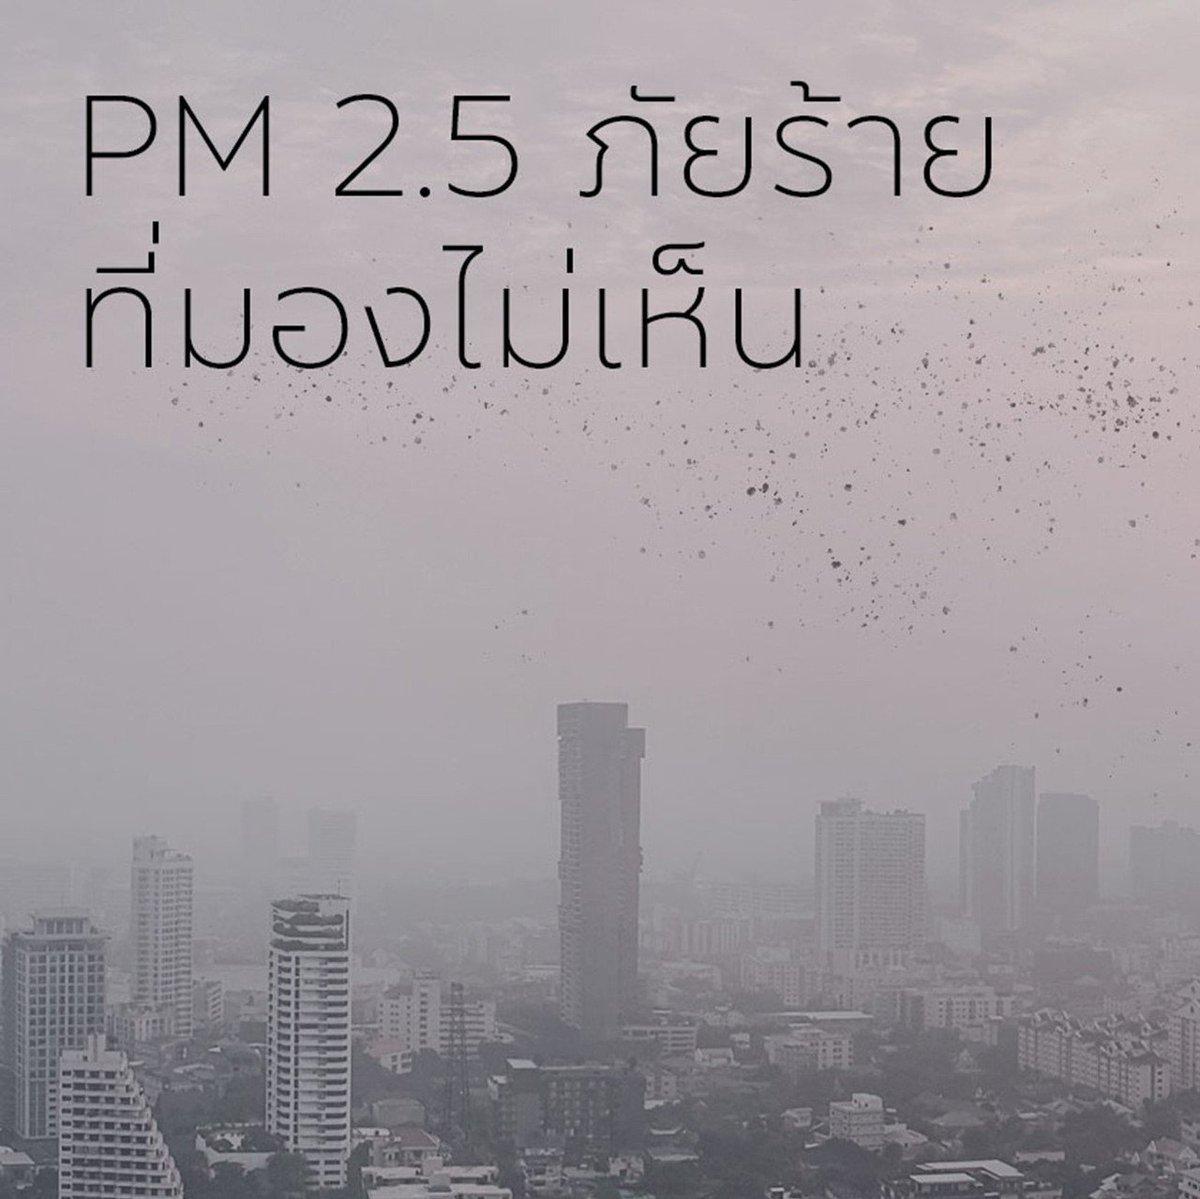 ฝุ่นละออง PM2.5 คืออะไร…แล้วเราควรรับมืออย่างไรกับภัยร้ายที่มองไม่เห็นนี้ พบคำตอบได้ที่นี่ http://wu.to/cQUO46 #UnileverNetwork #MaquiPlus #GlutaOrange #SunProtector #Gluta #PM2.5 #InvisibleThreats #HealthyImmunity